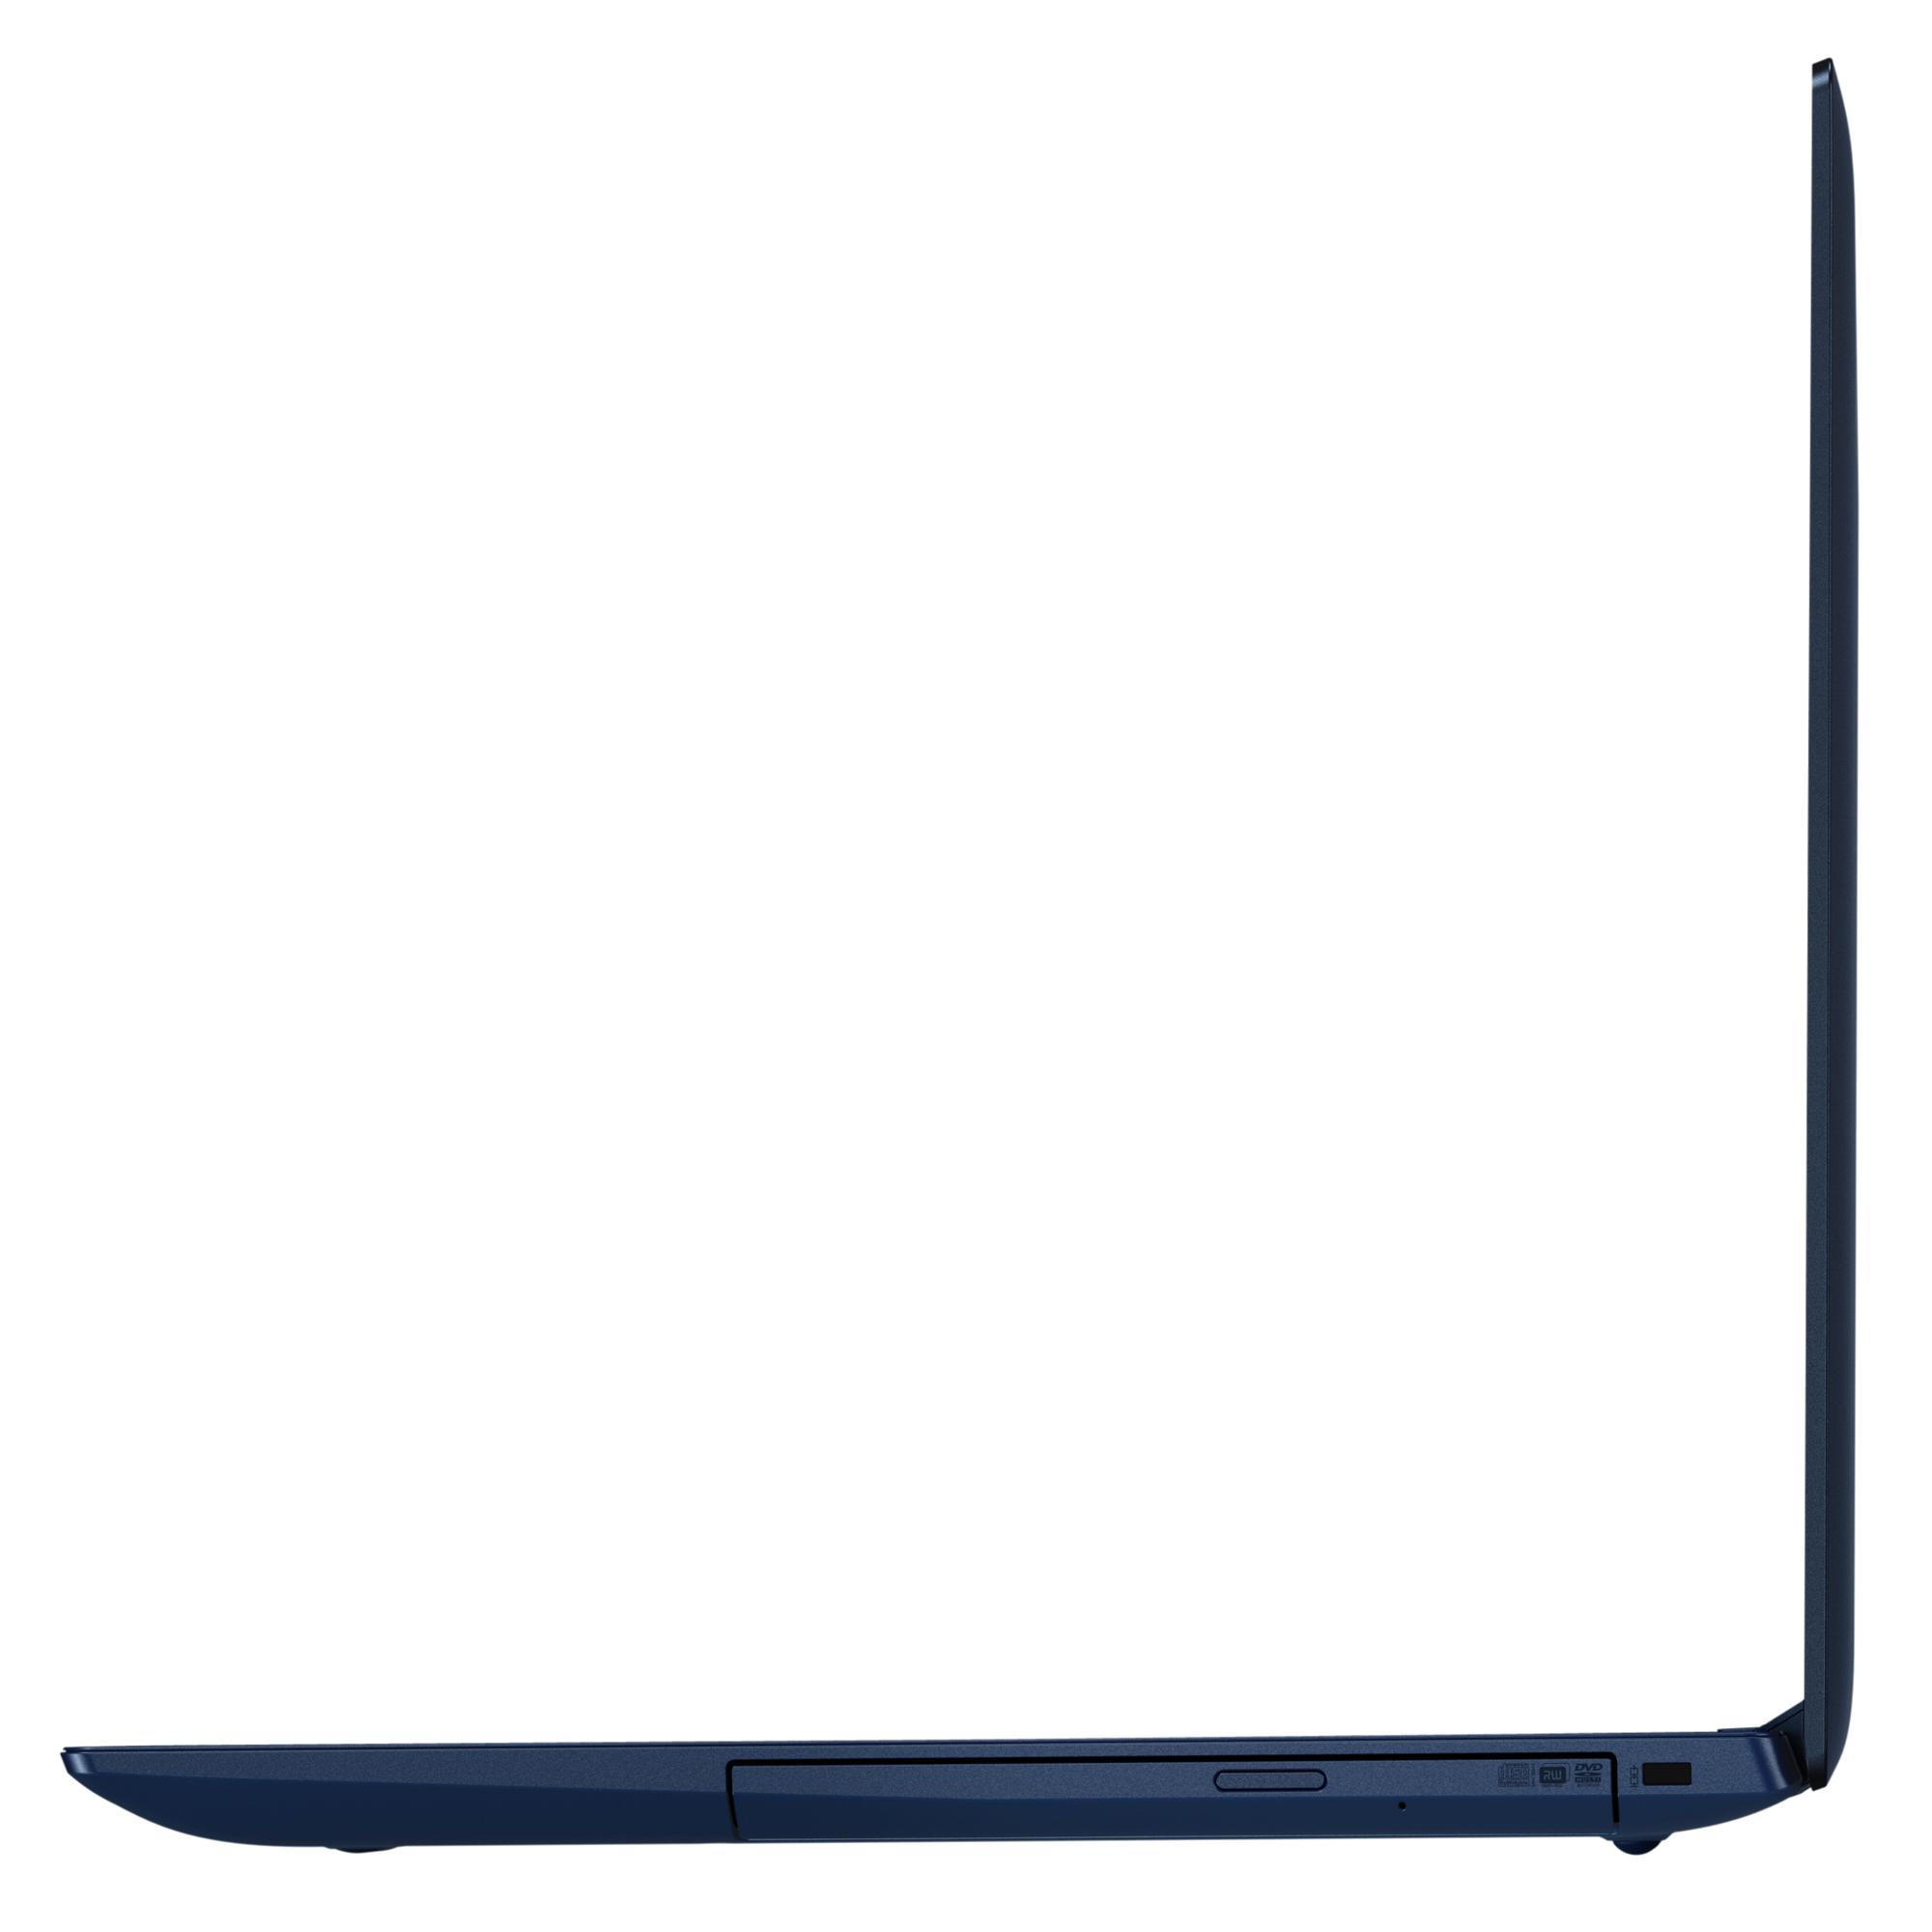 Фото  Ноутбук Lenovo ideapad 330-15 Midnight Blue (81D100HARA)